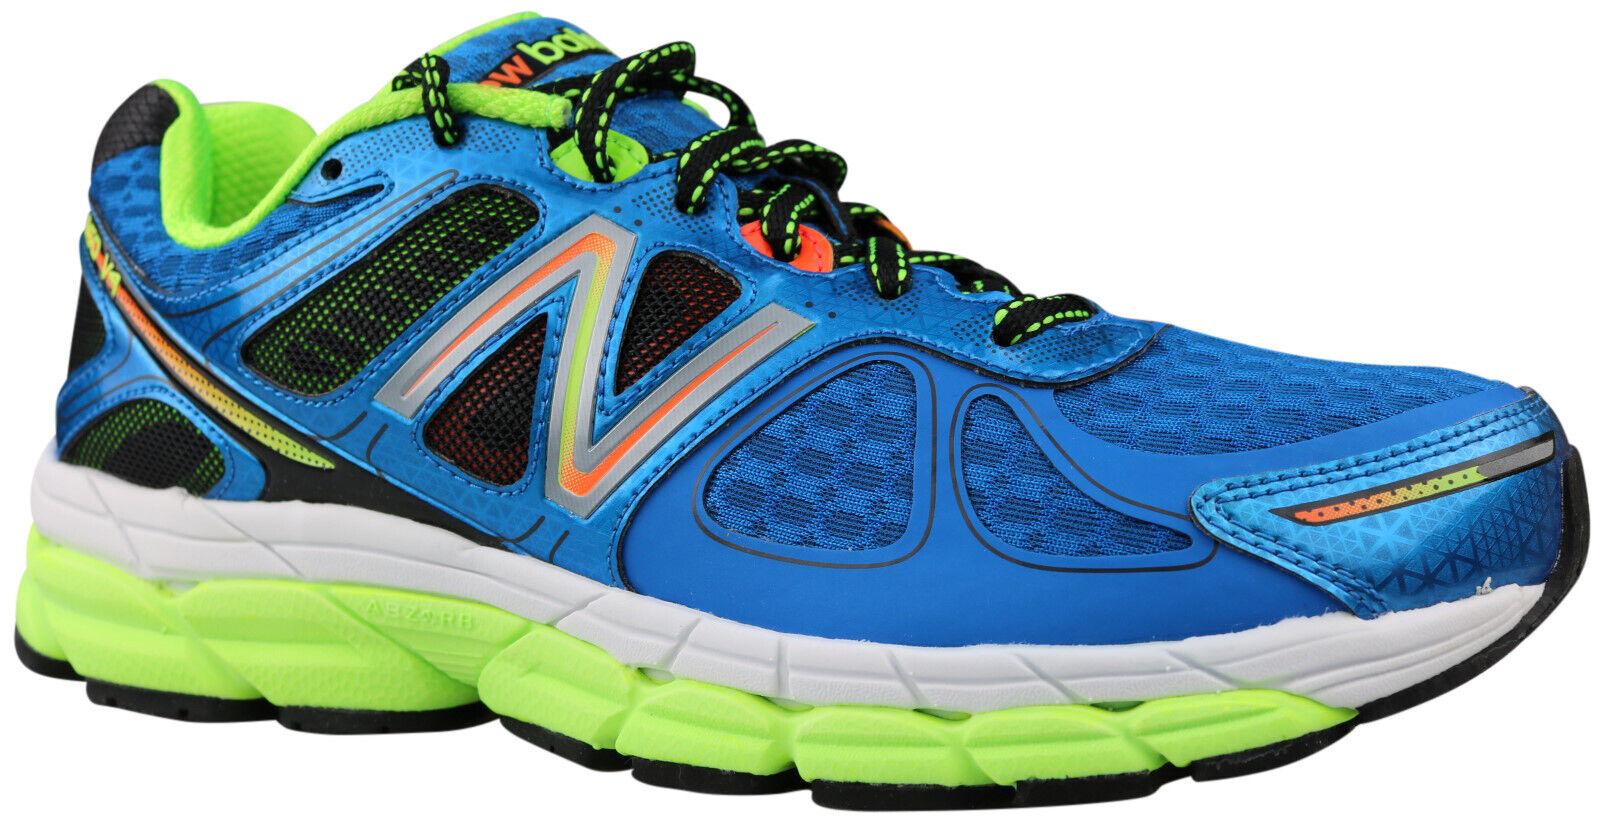 New Balance M860 D V4 Herren Laufschuhe Running Schuhe blau Gr. 40 - 42,5 NEU